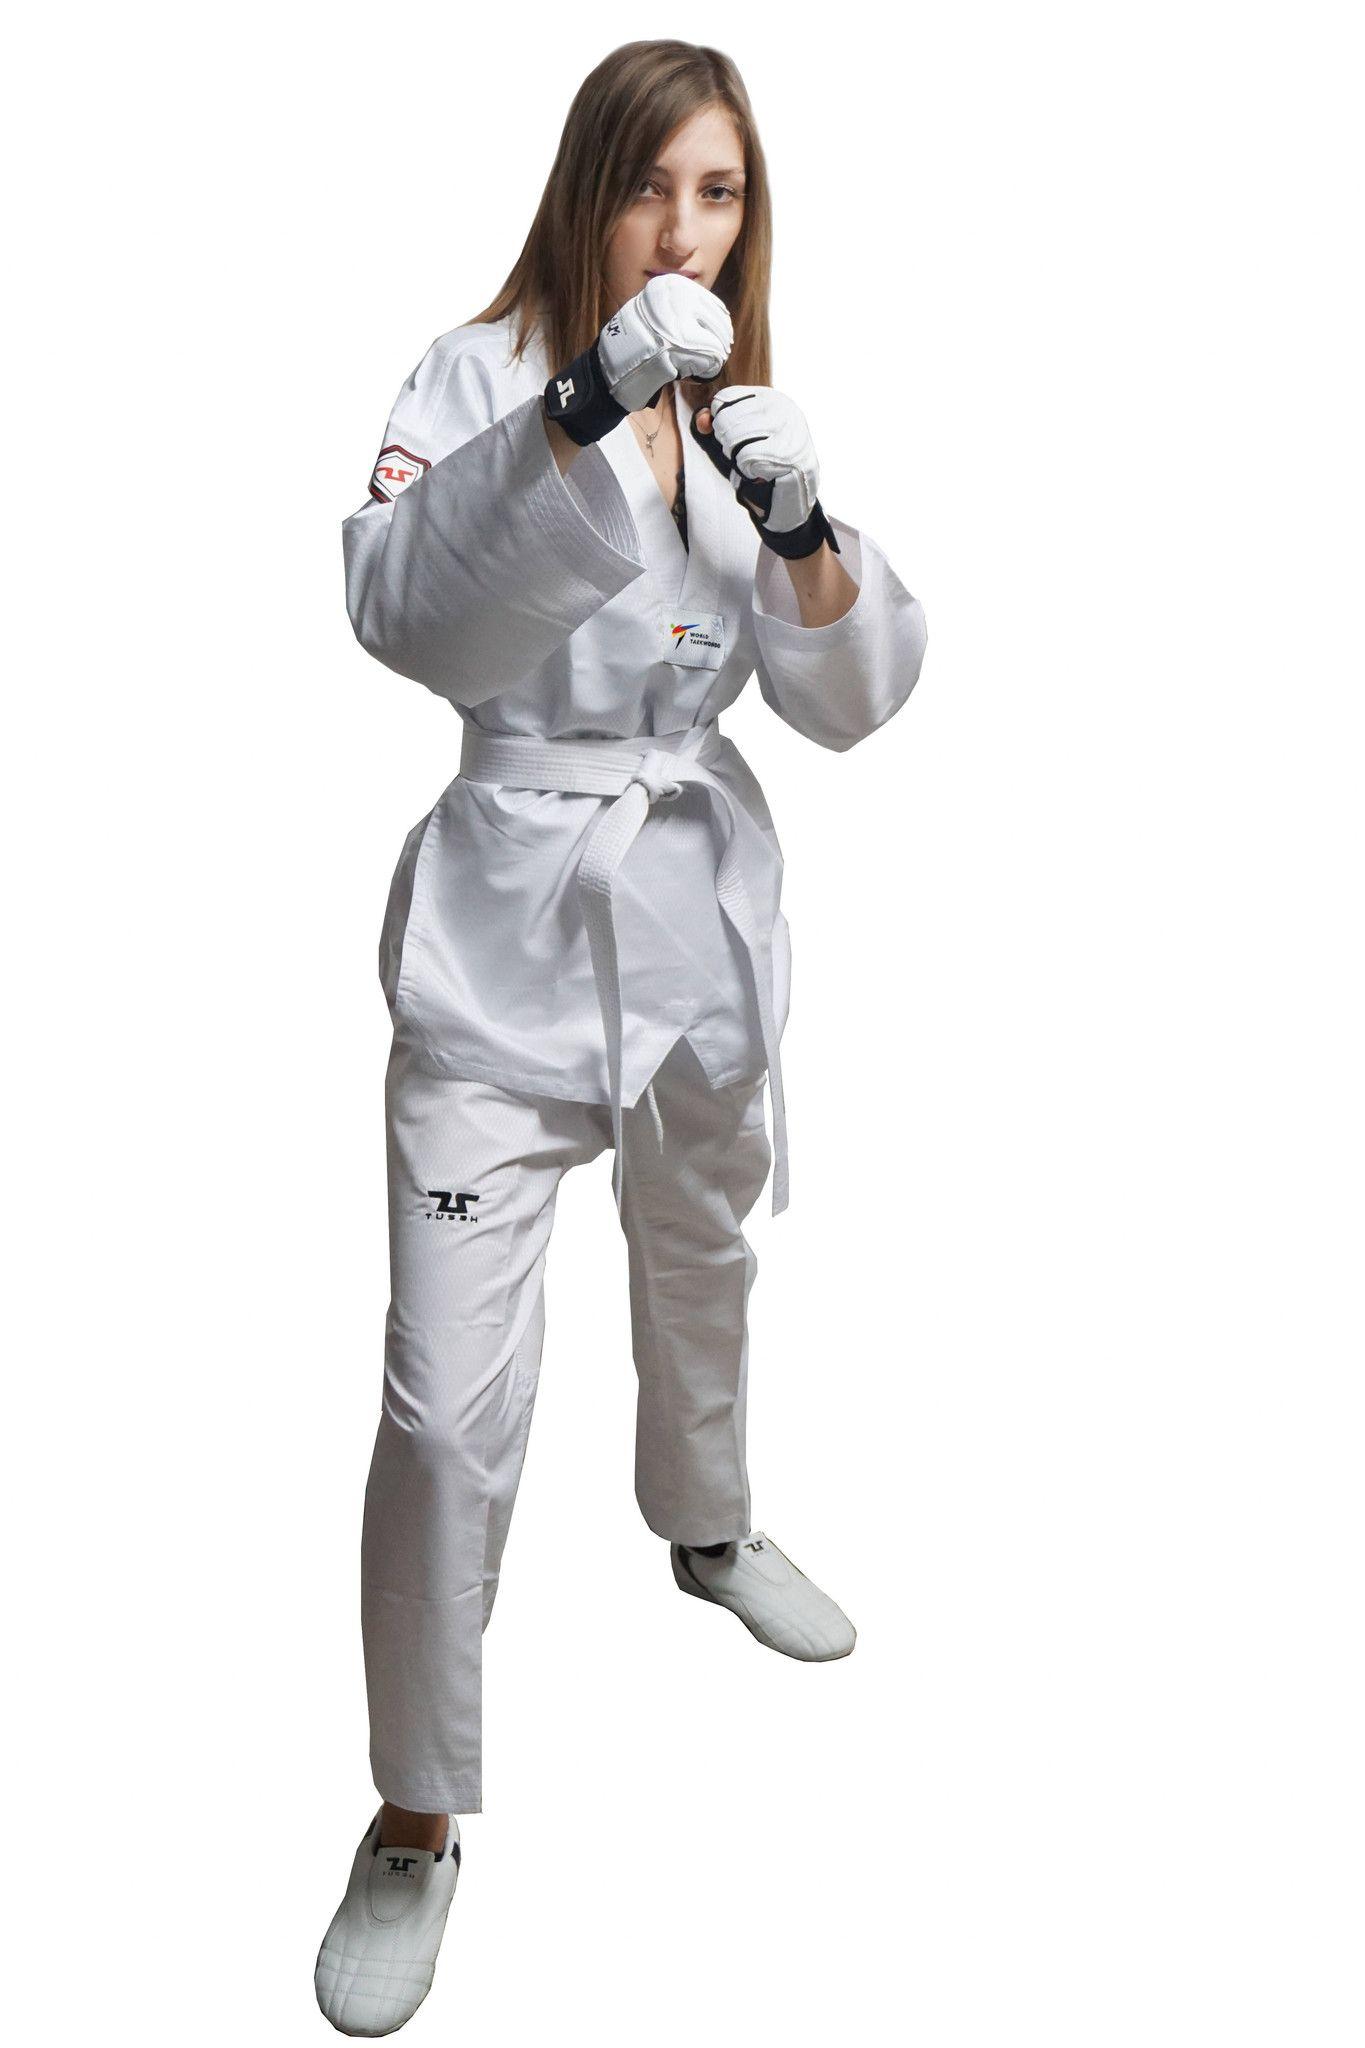 Dobok Ultraleggero per Taekwondo Tusah Easyfit Fighter collo Bianco Omologato WT WTF per competizioni ed allenamenti